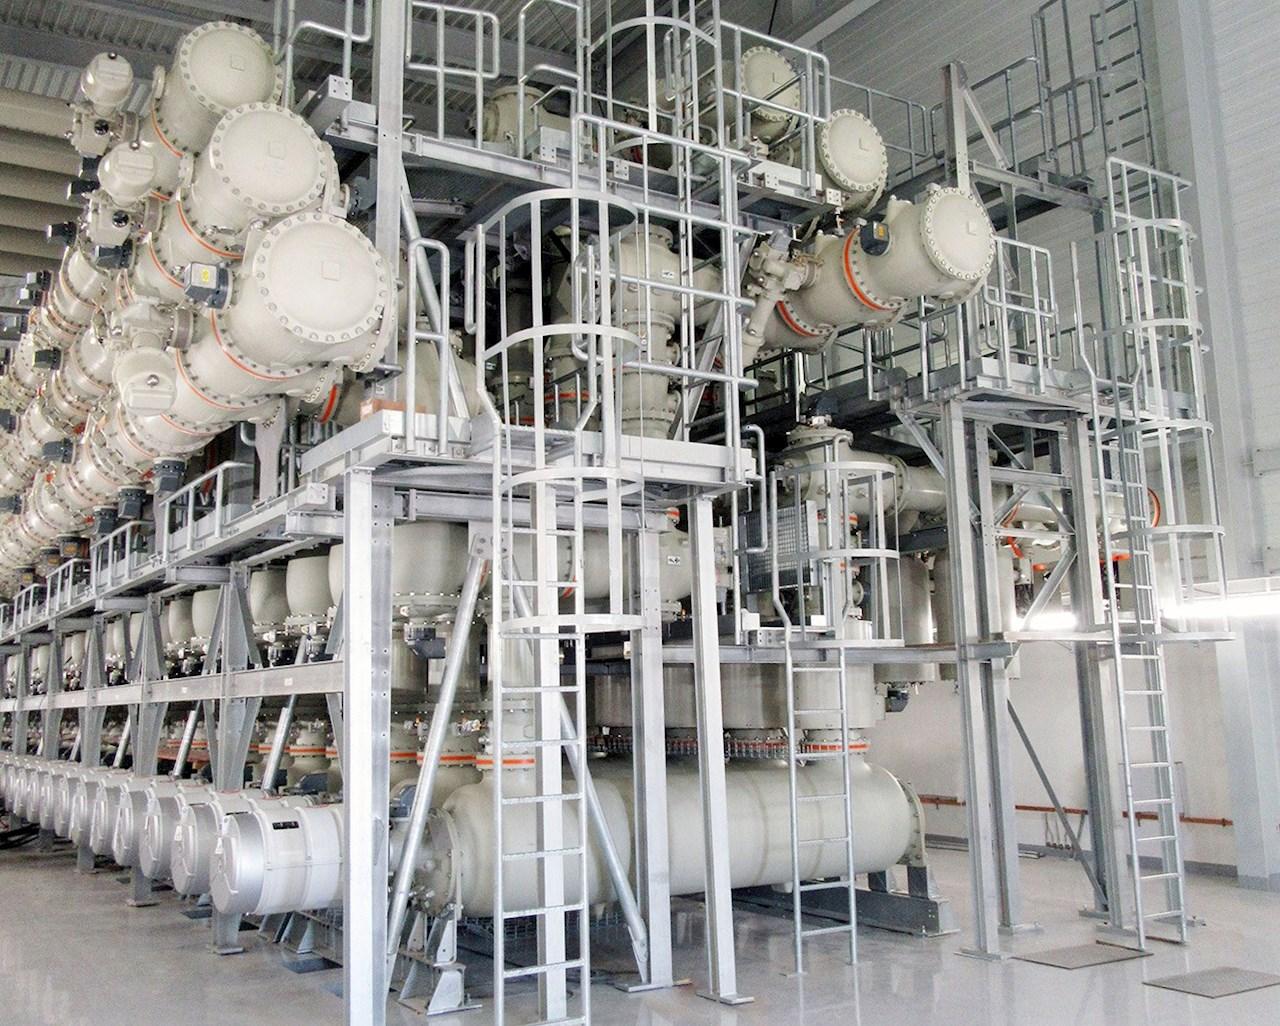 Quadri elettrici di ABB isolati a gas a 380 kV installati nella sottostazione Weier di TransnetBW in Germania